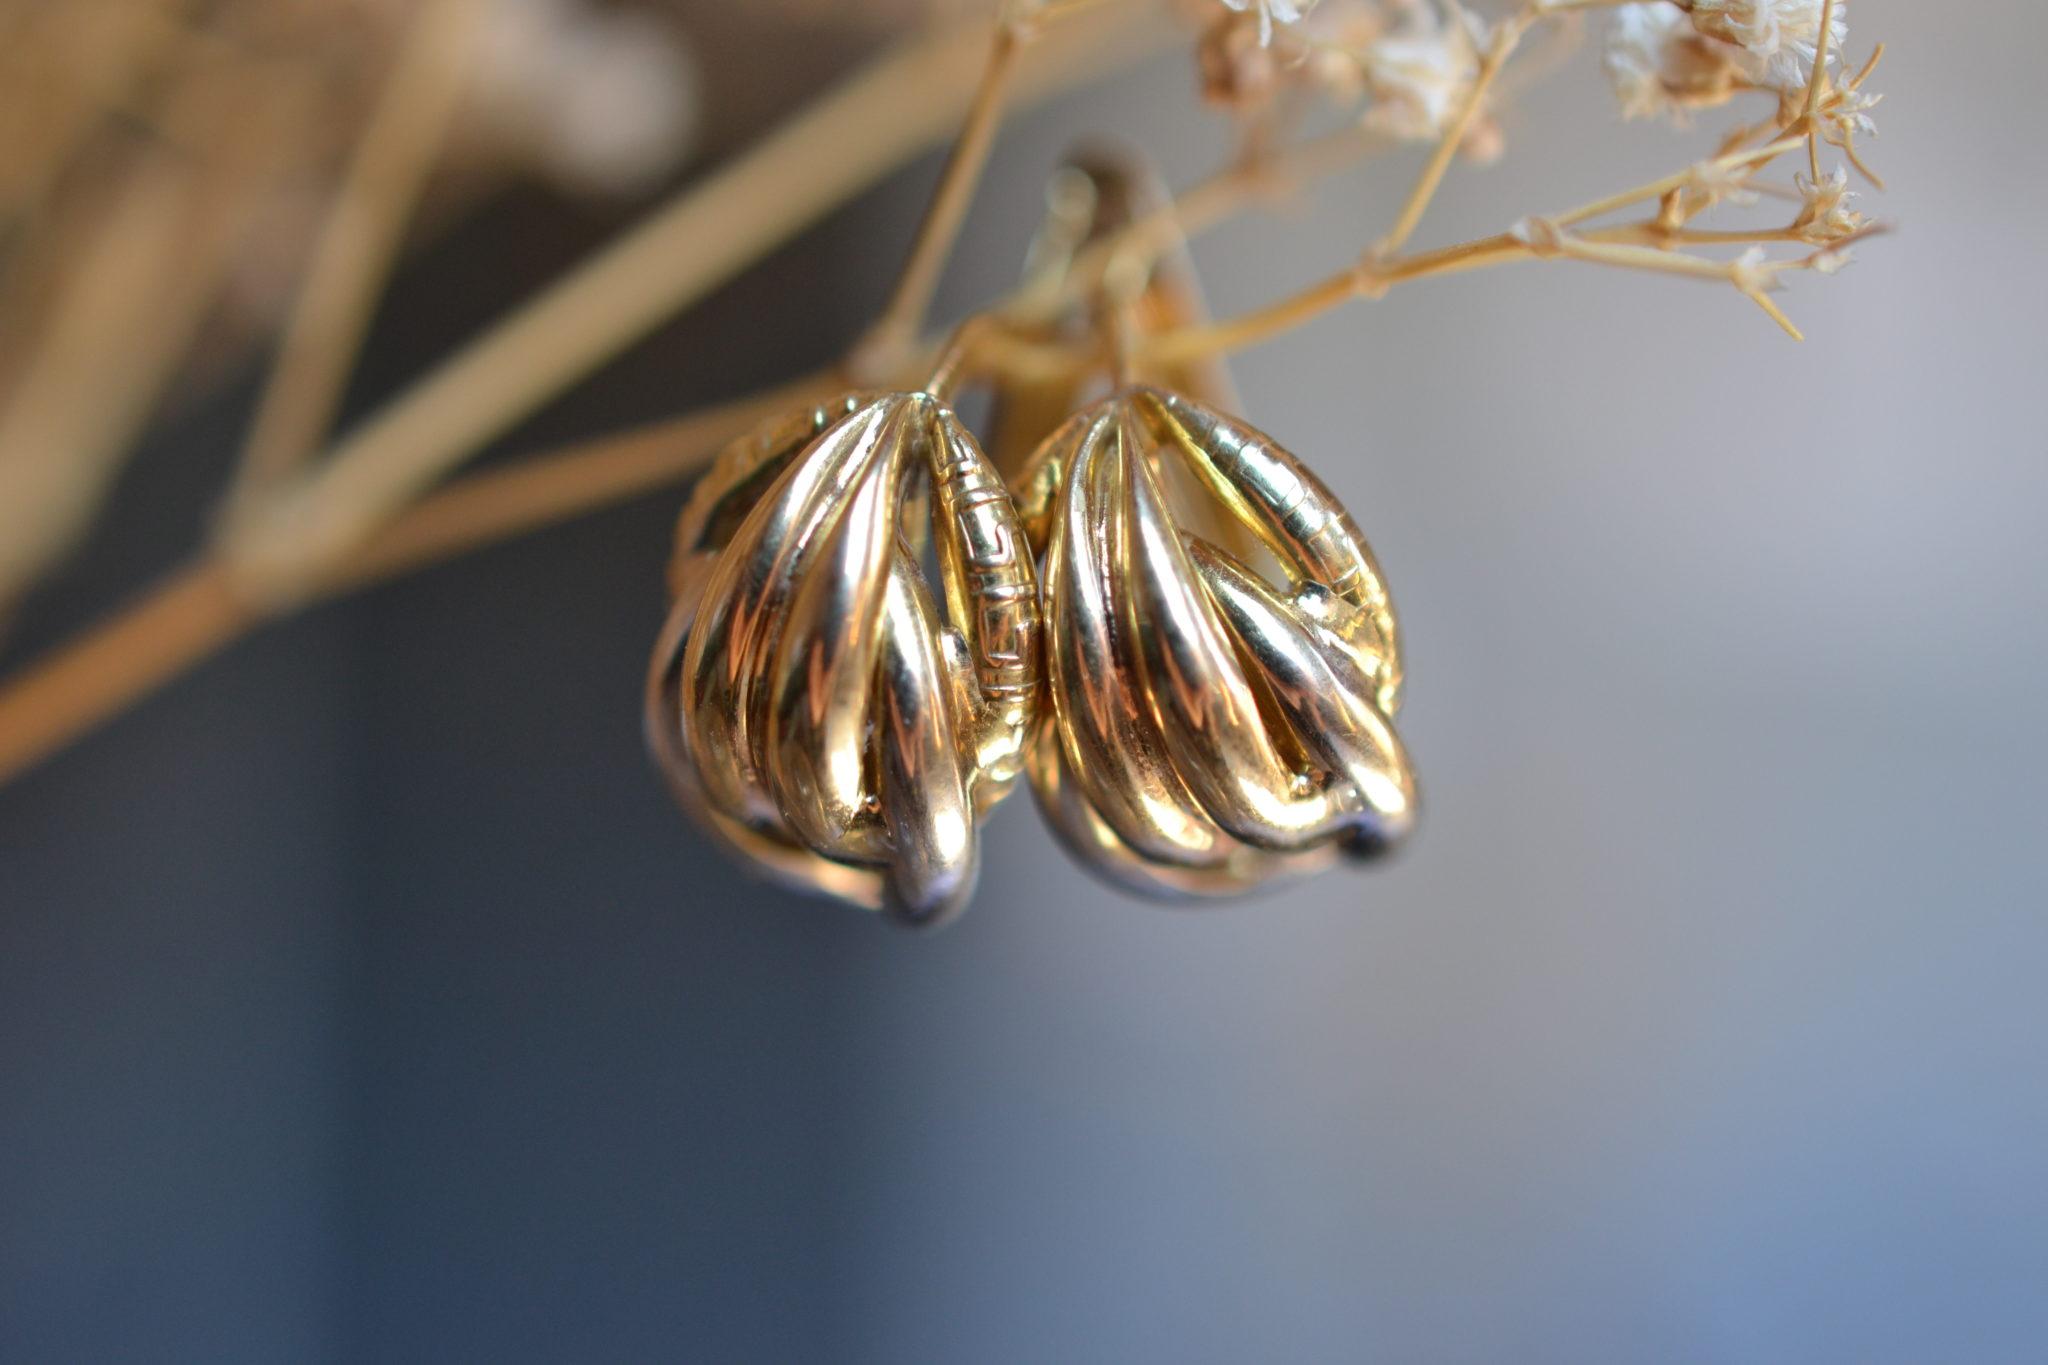 boucles d'oreilles 2 Ors vintage - boucles d'oreilles robe mariage zéro déchet